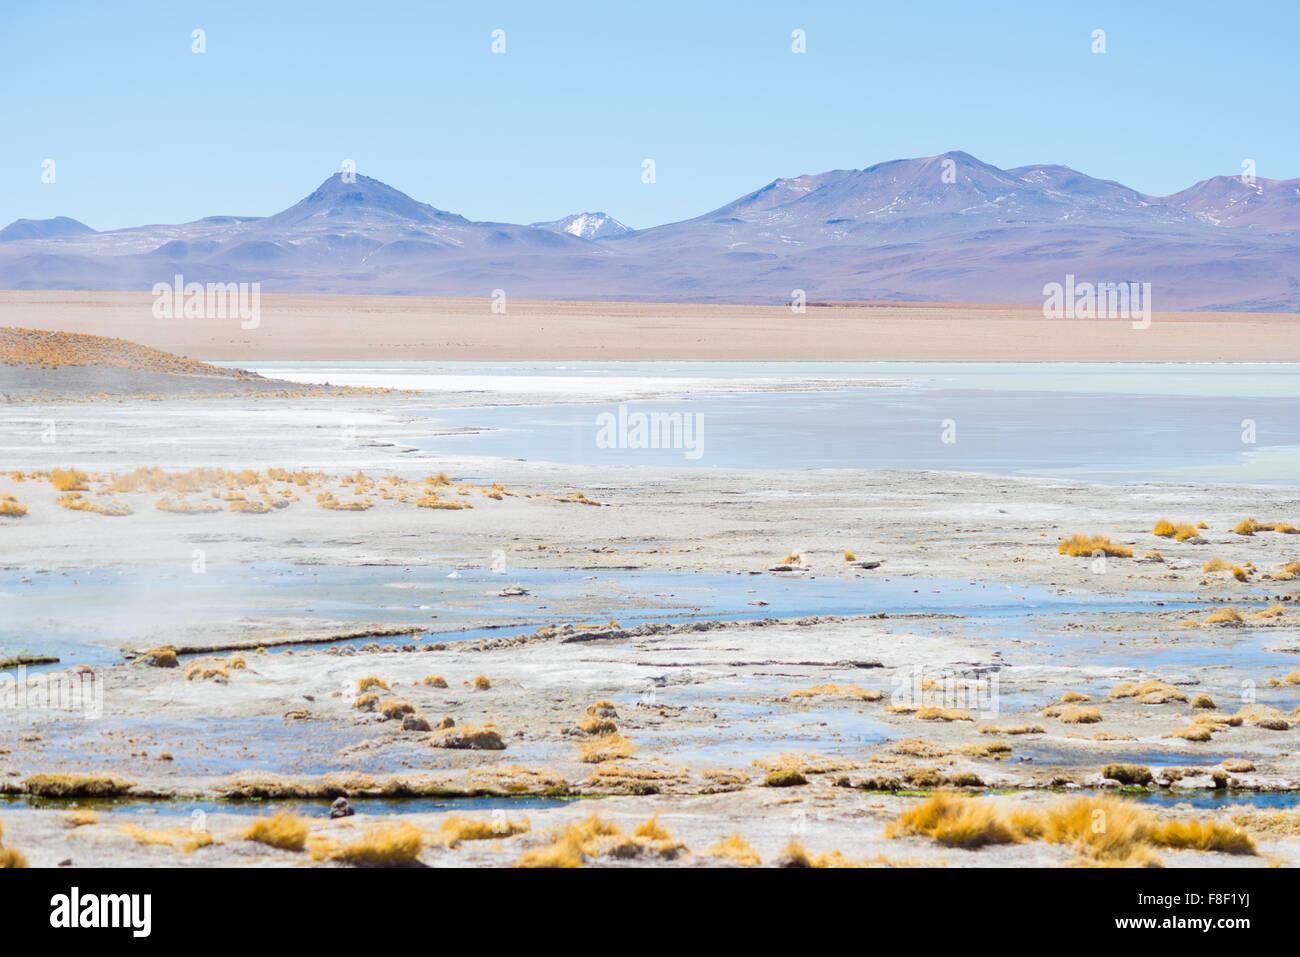 Heißes Wasserteiche in Geothermie Region der Anden-Hochland in Bolivien. Gefrorene Salzsee, fernen Bergkette Stockbild